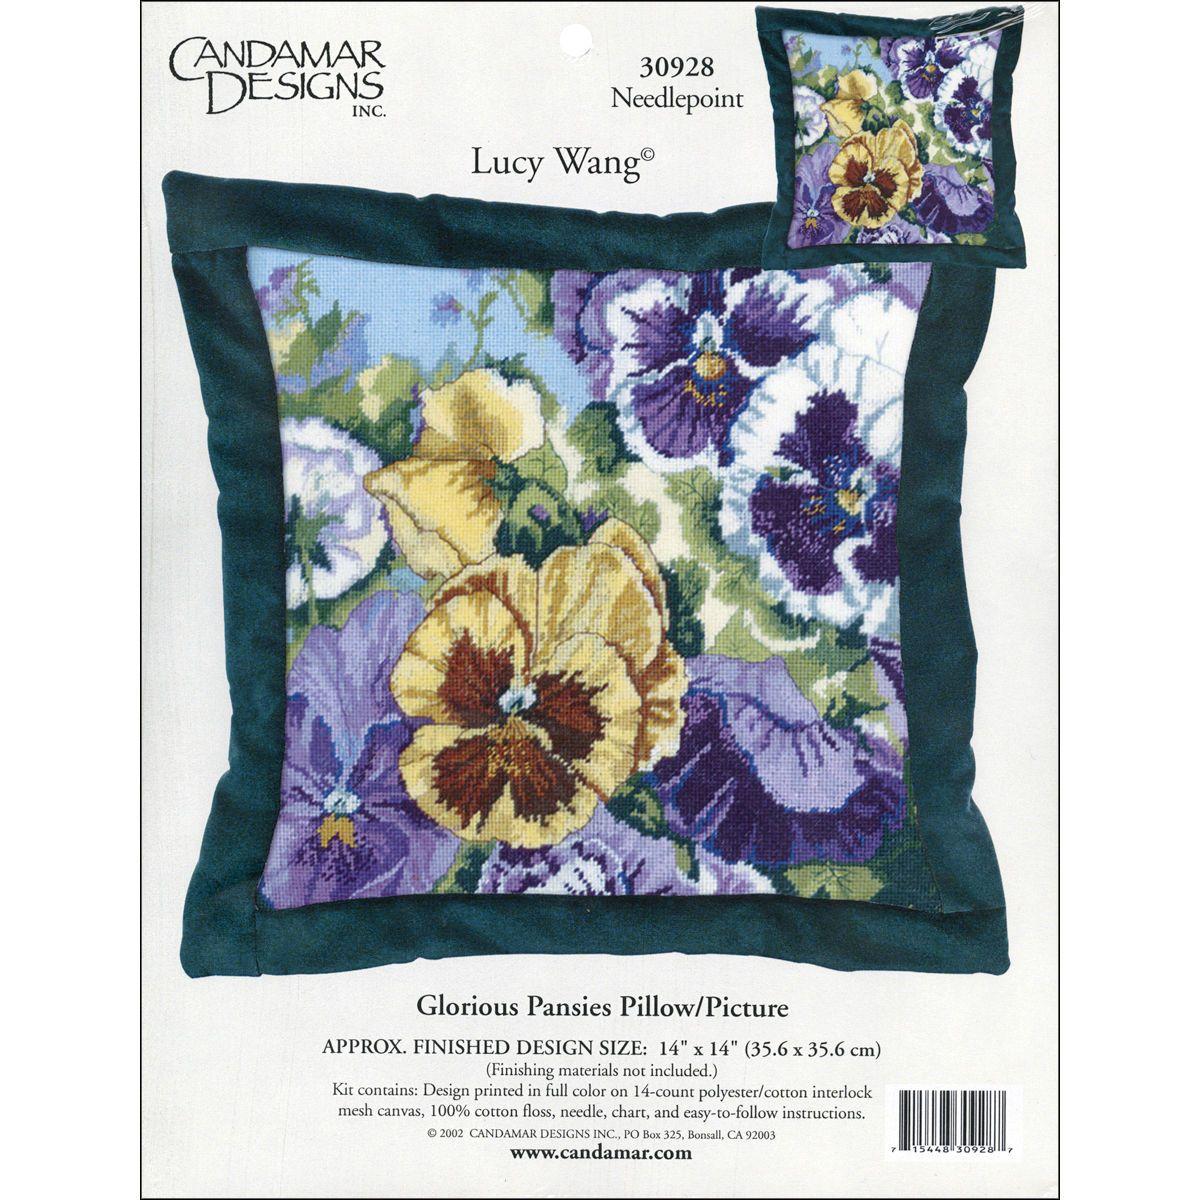 Candamar Designs Needlepoint Kit Floral Glorious Pansies